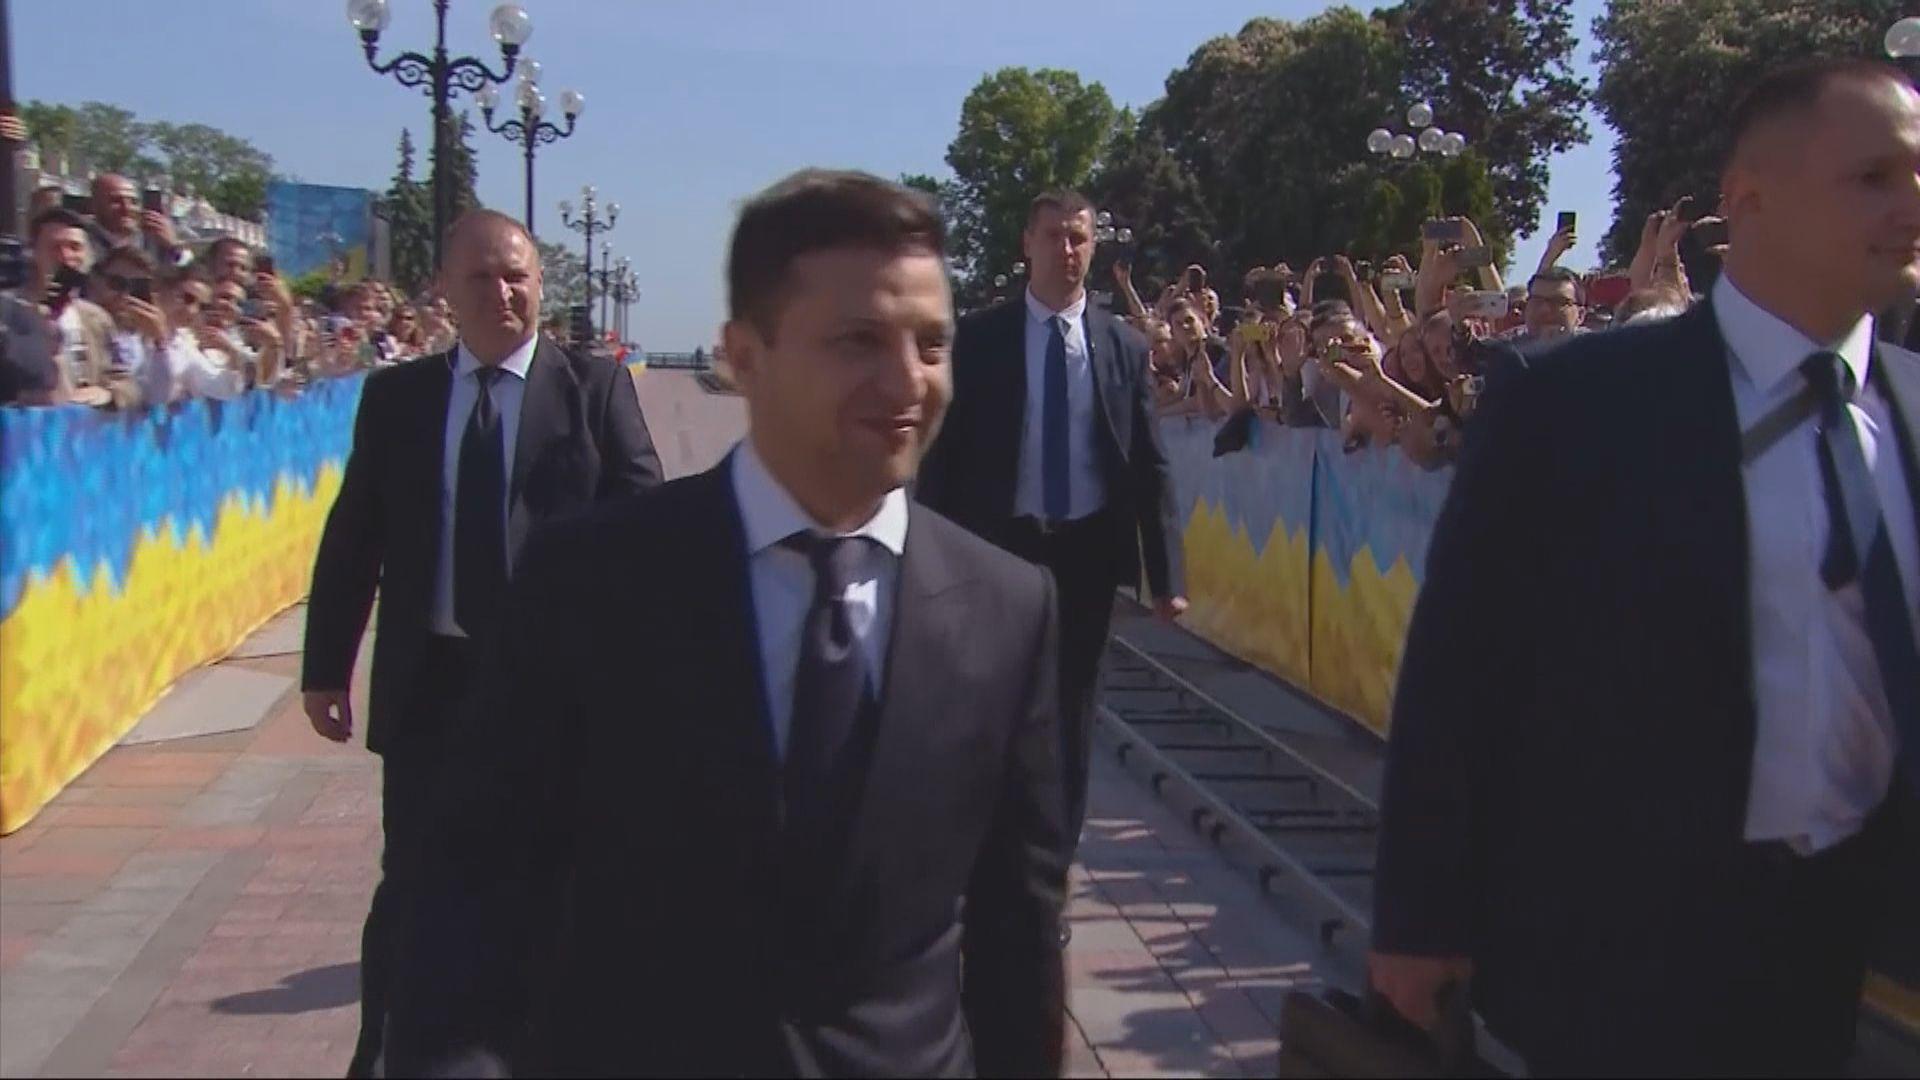 烏克蘭總統澤連斯基確診感染新冠病毒